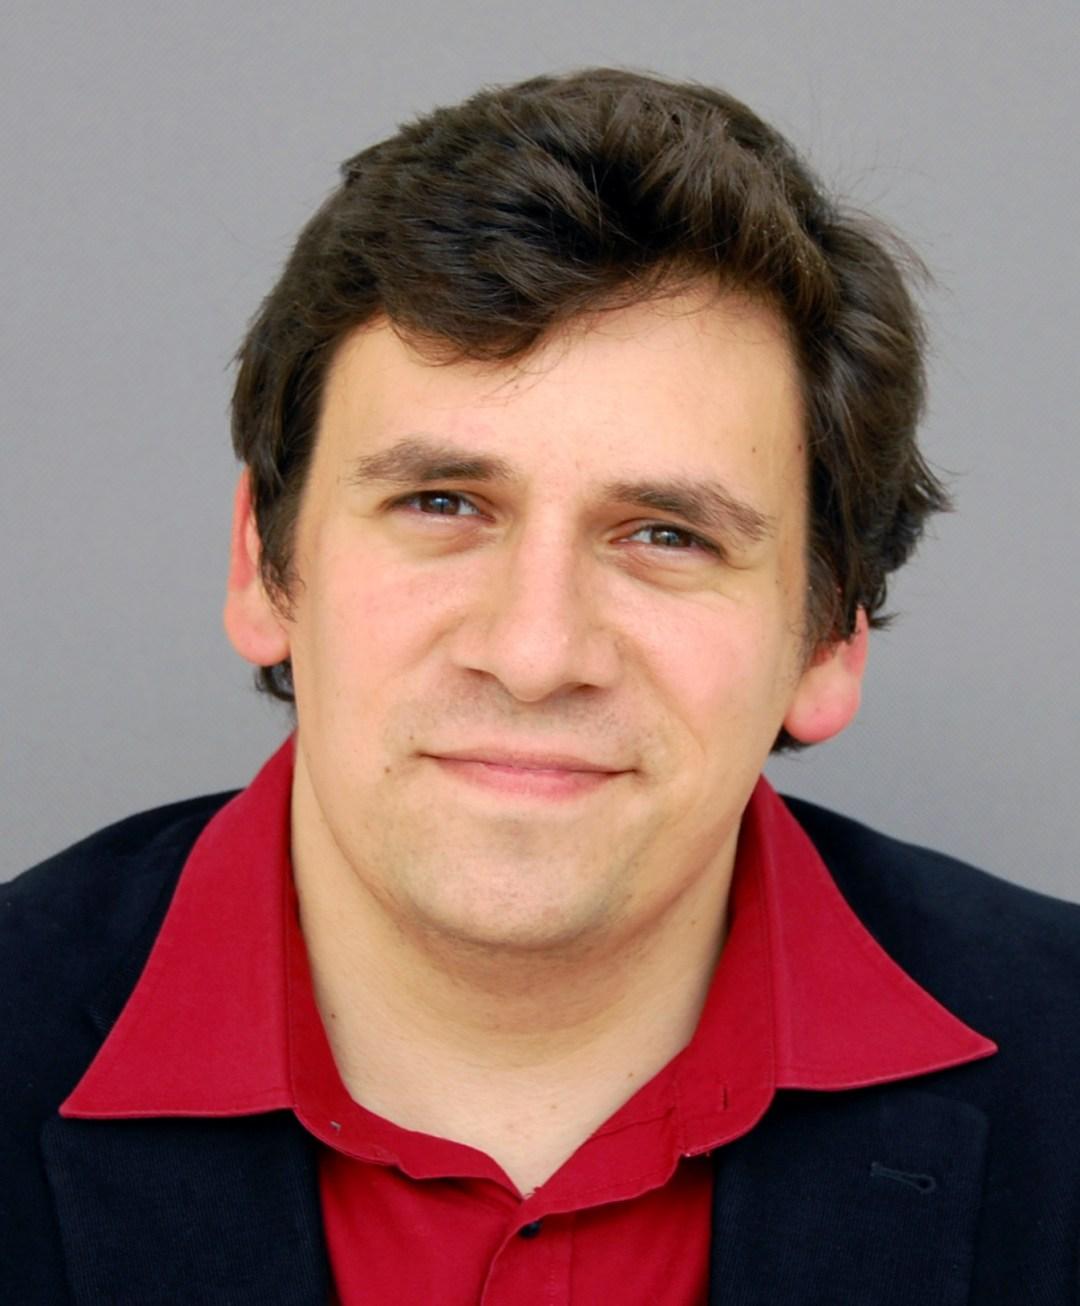 Gerd Christian Krizek